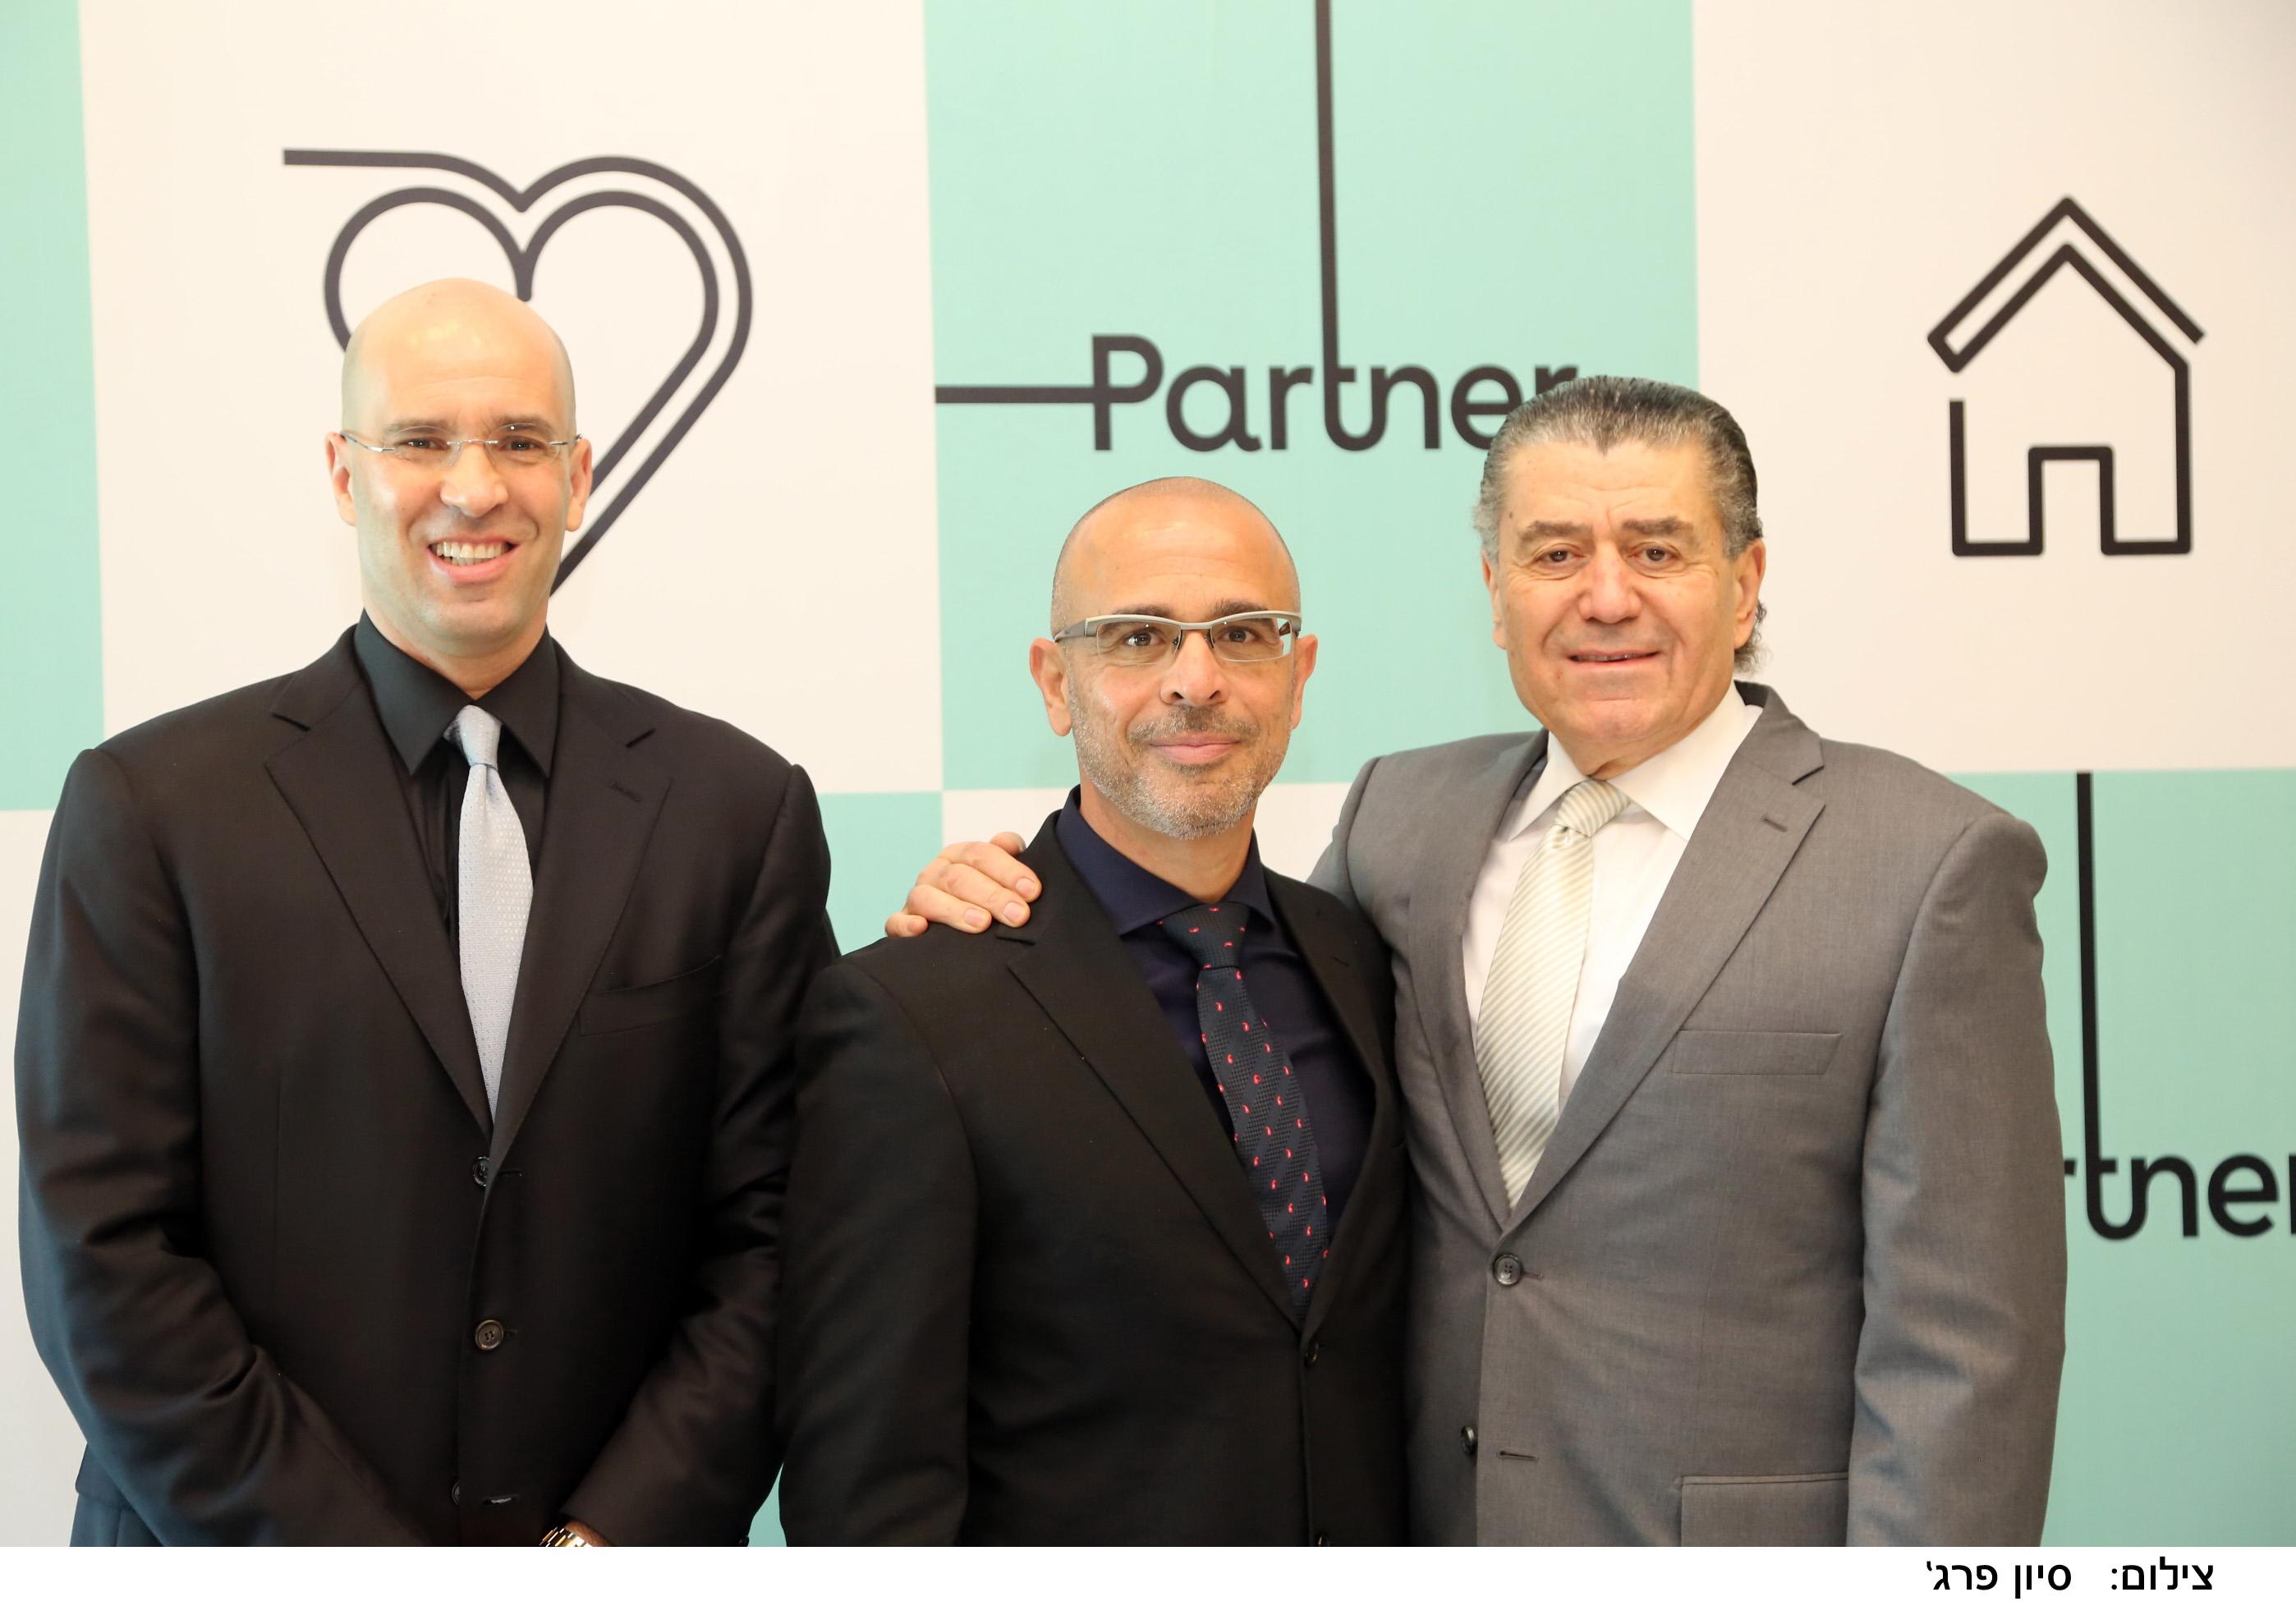 В Израиле: Partner открывает новую страницу!